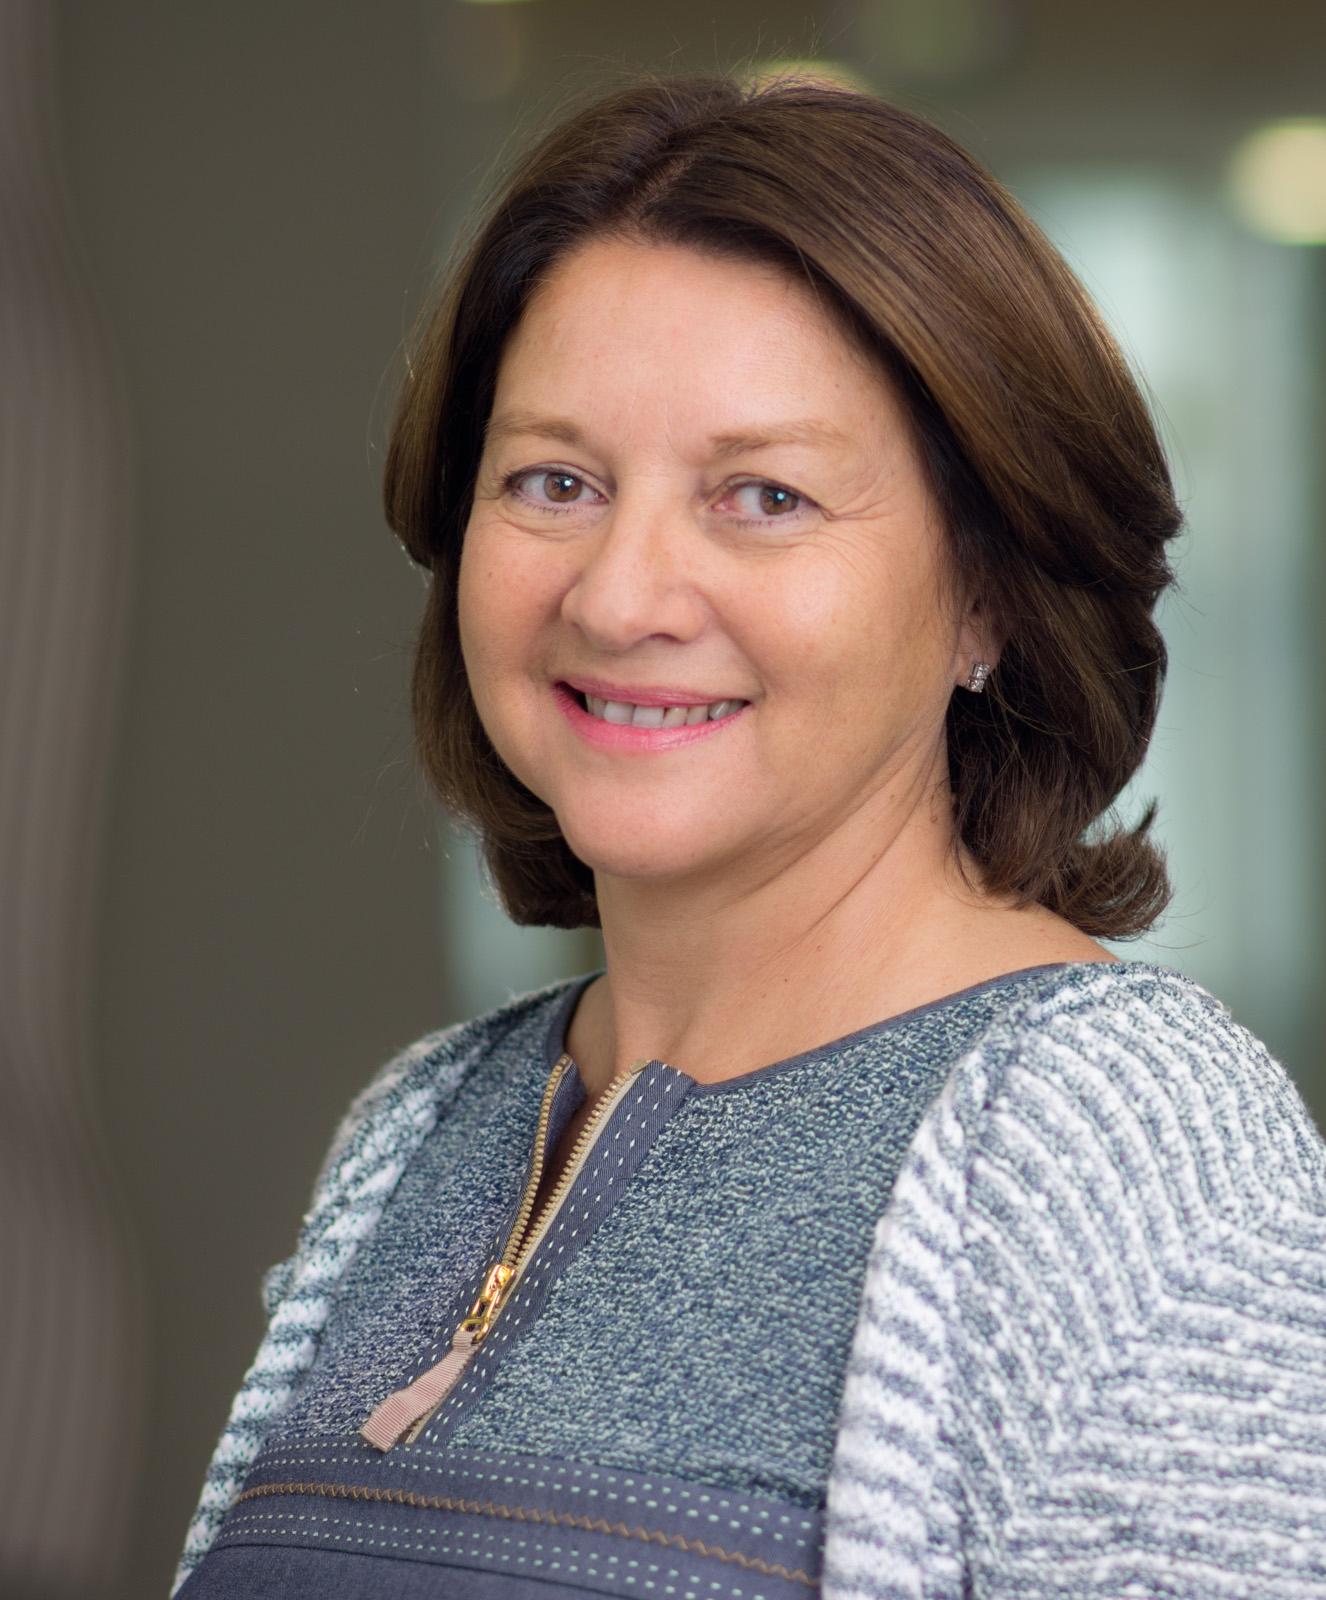 Мари-Кристин Дюшоле